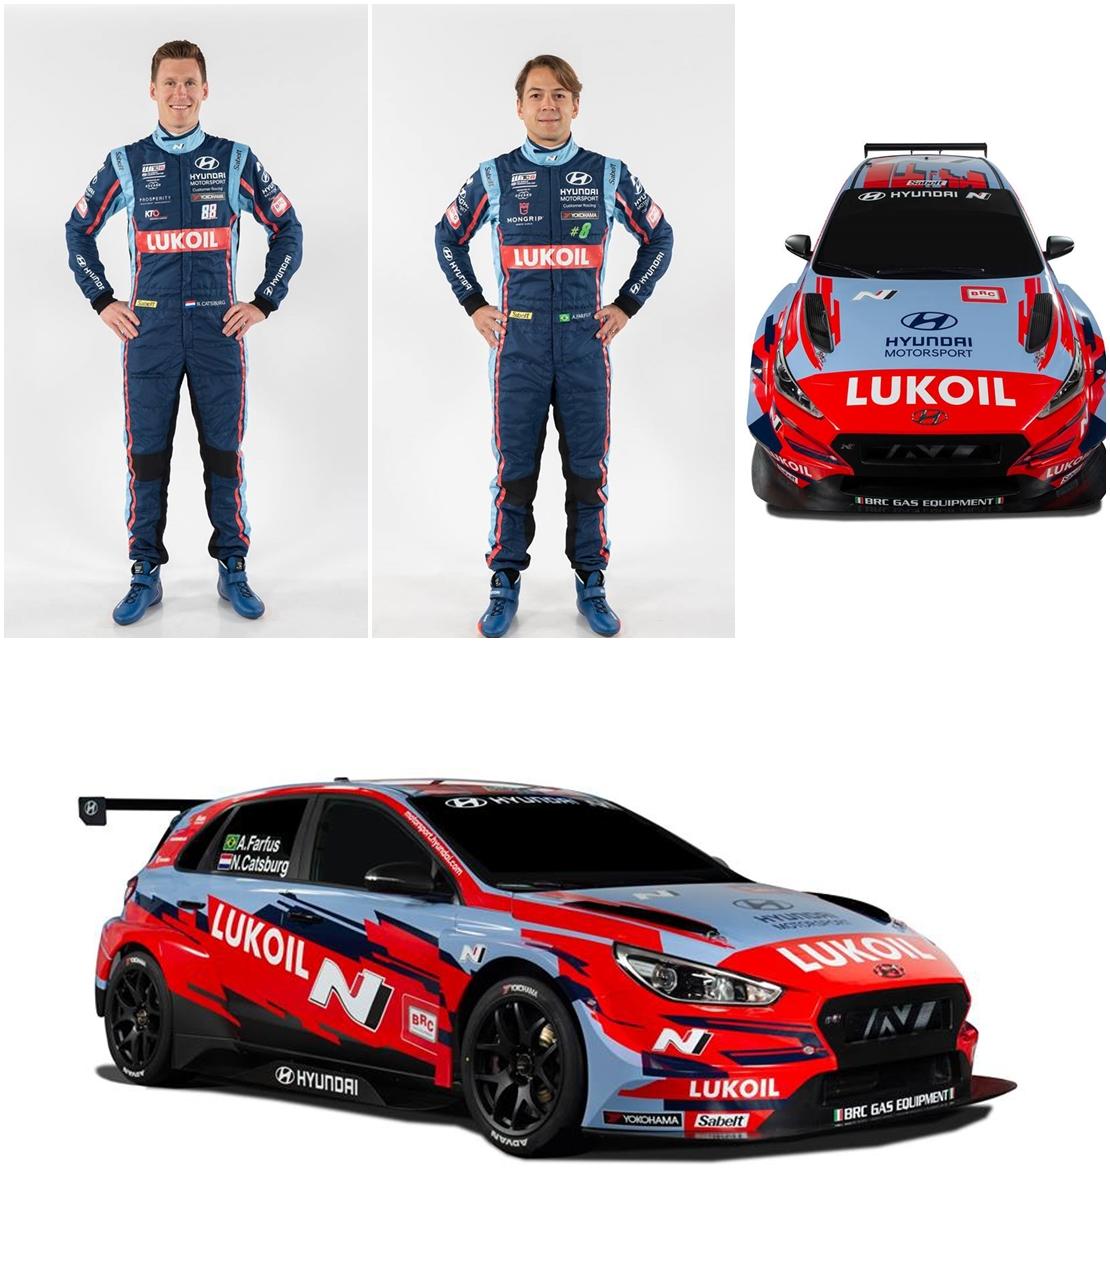 brc_hyundai_n_lukoil_racing_team.jpg